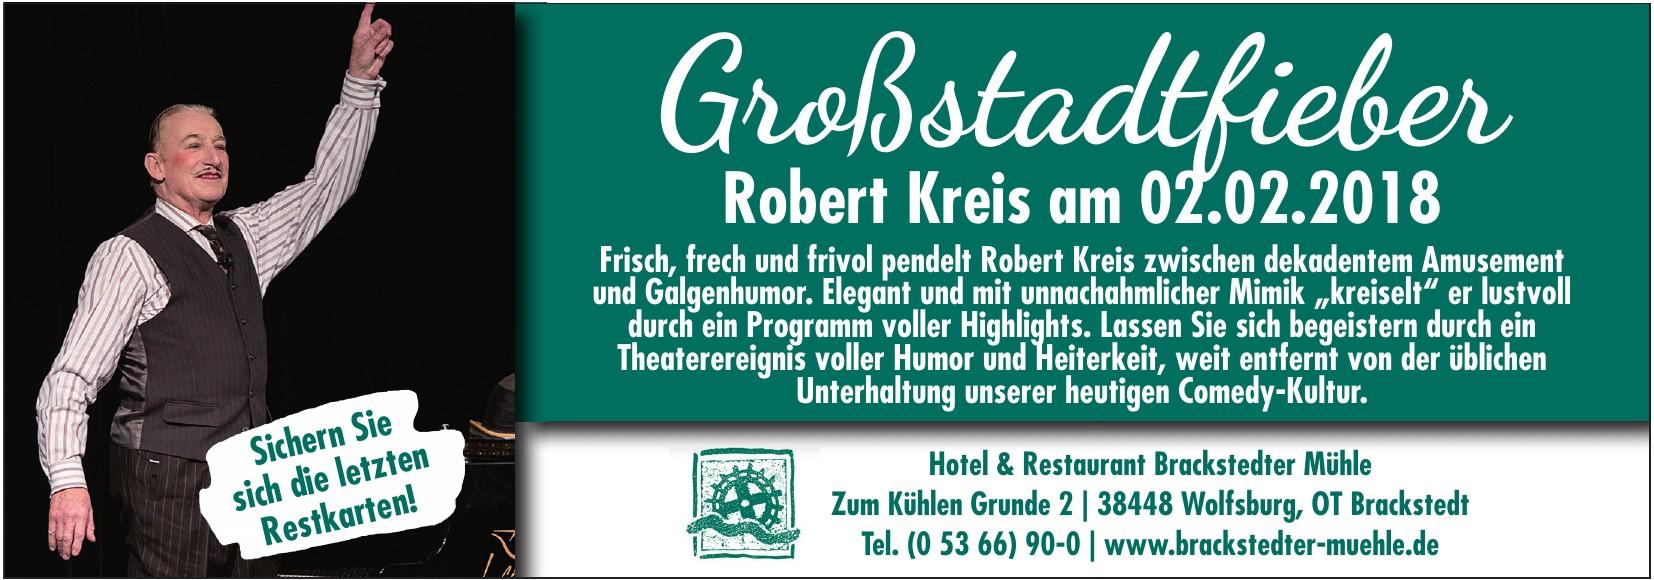 Hotel und Restaurant Brackstedter Mühle